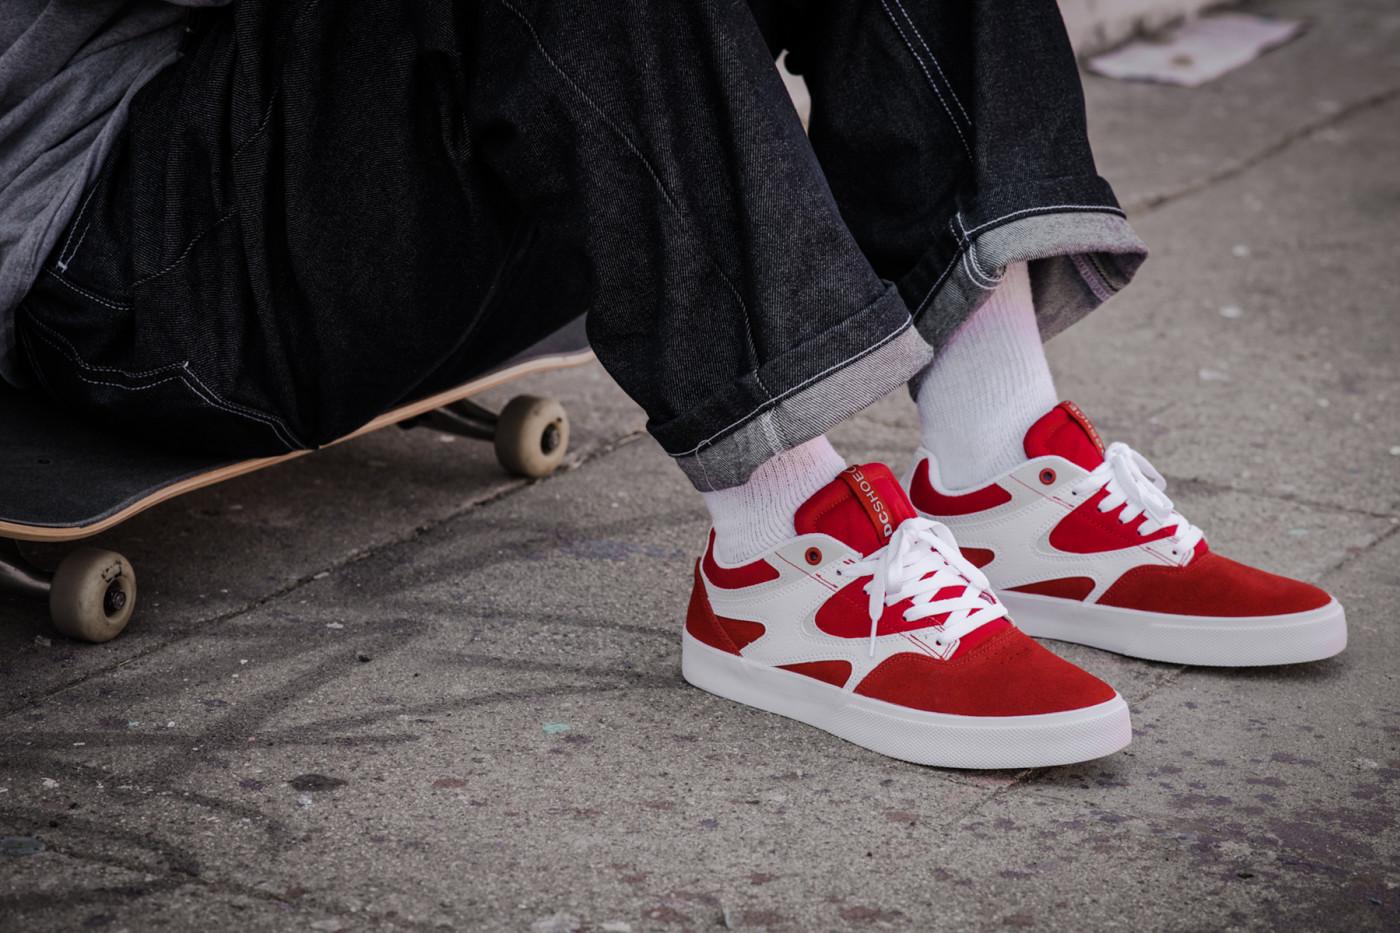 DC Shoes Kalis Vulc 2020 Thumbnail